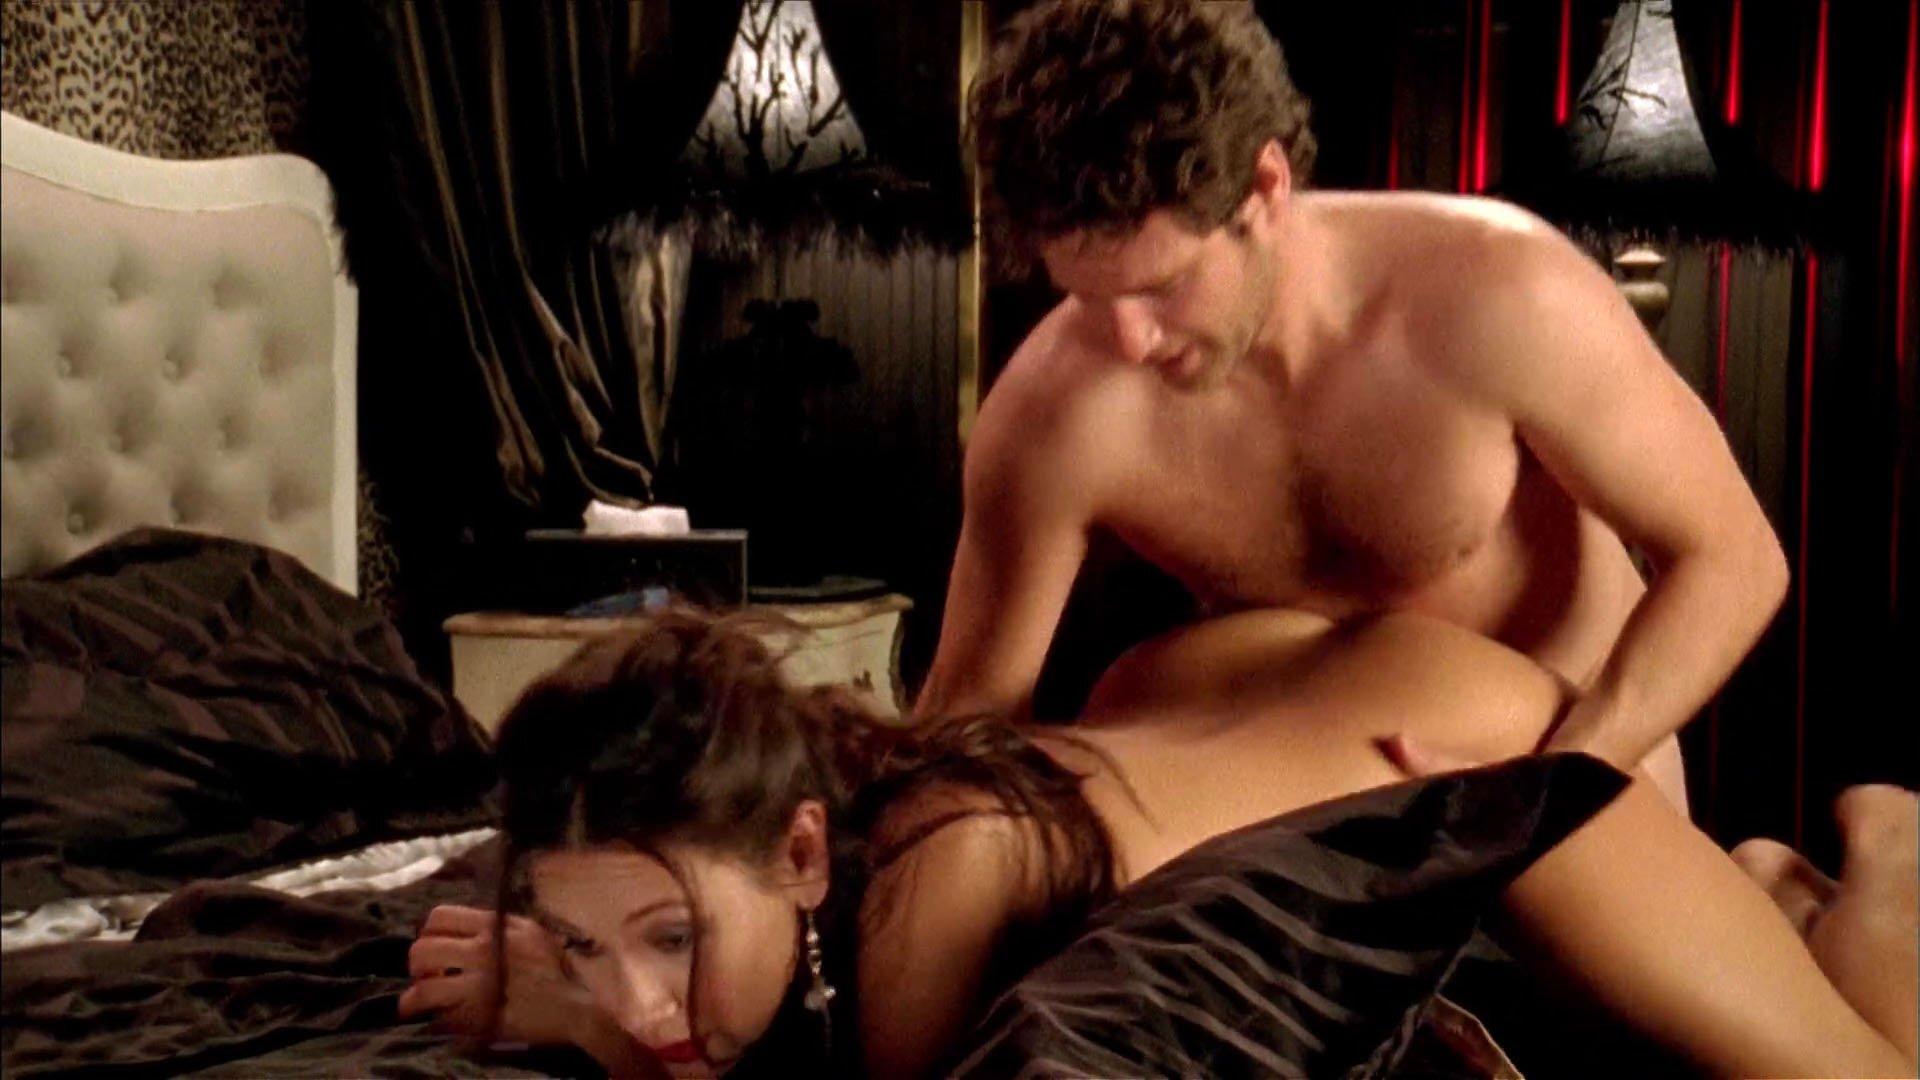 Peta sergeant nude and sex scenes compilation